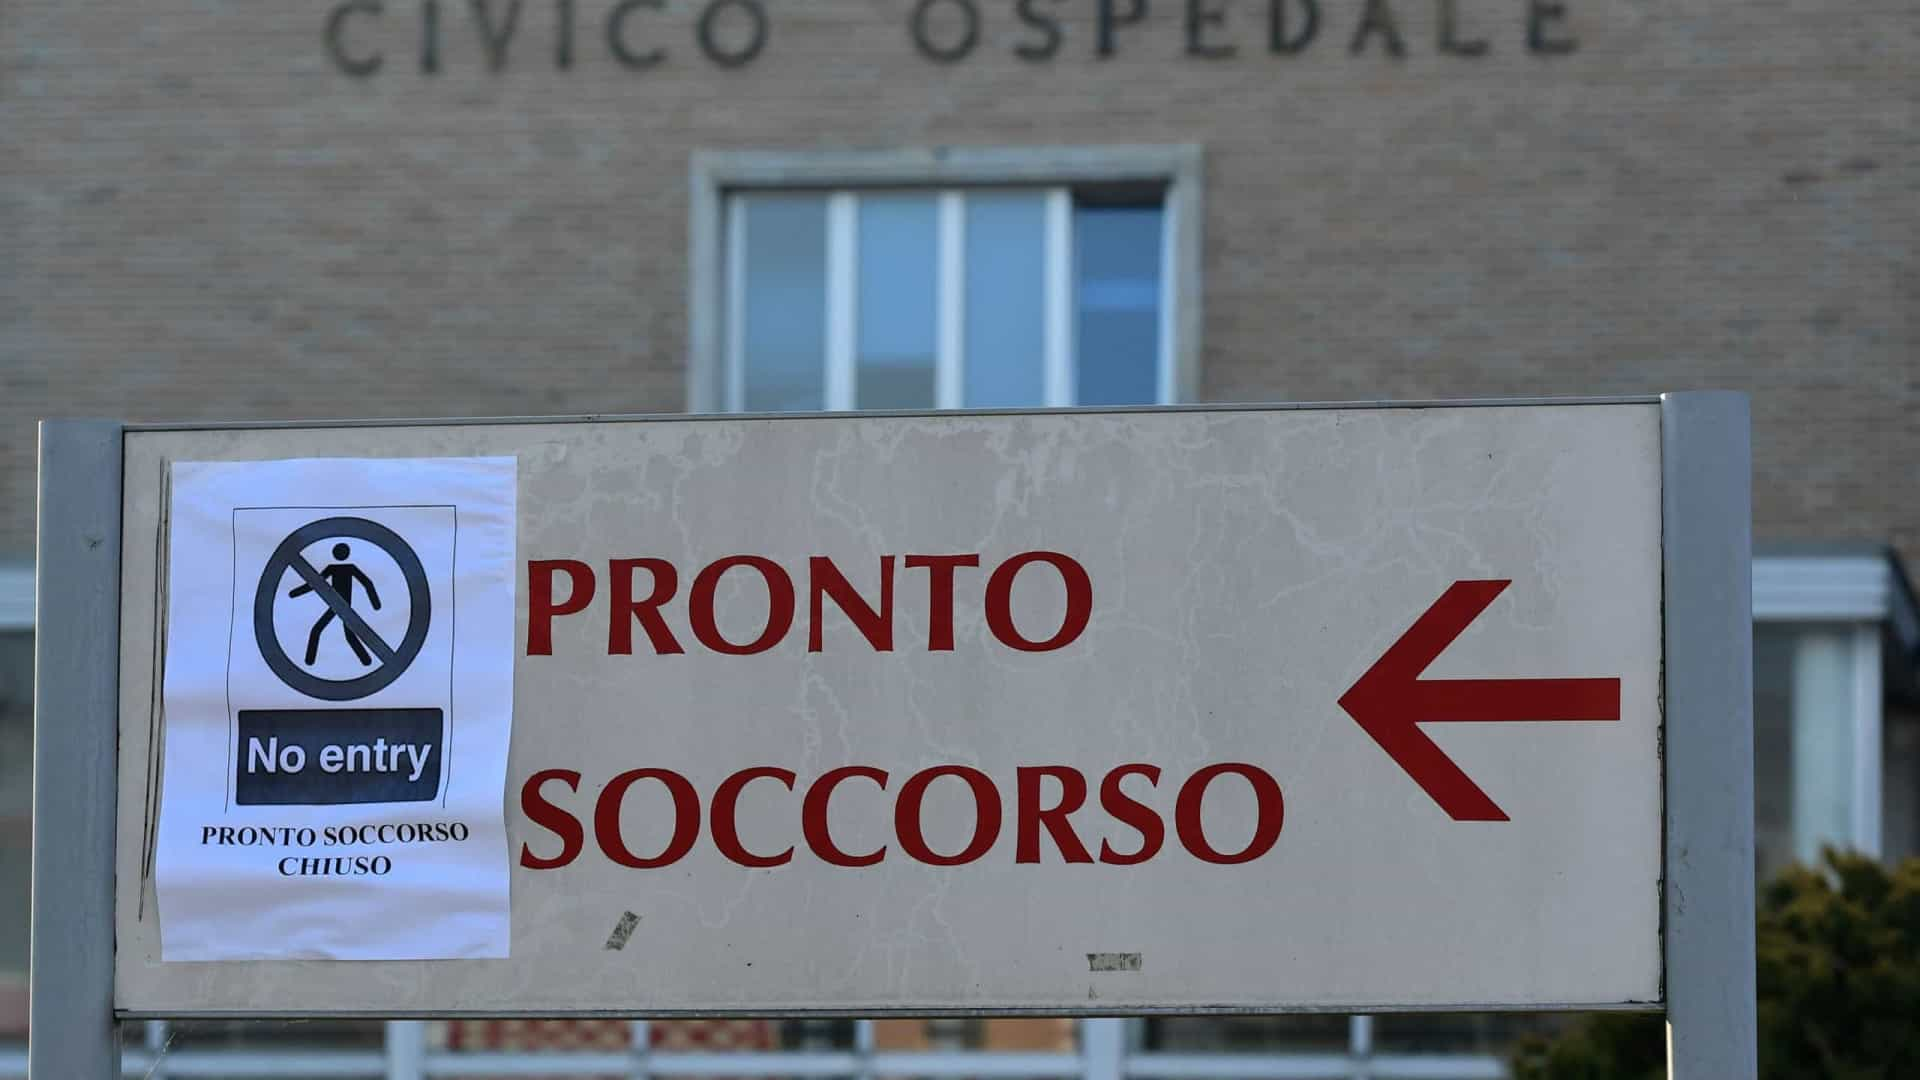 Cerca de 30% dos infectados em países europeus foram hospitalizados